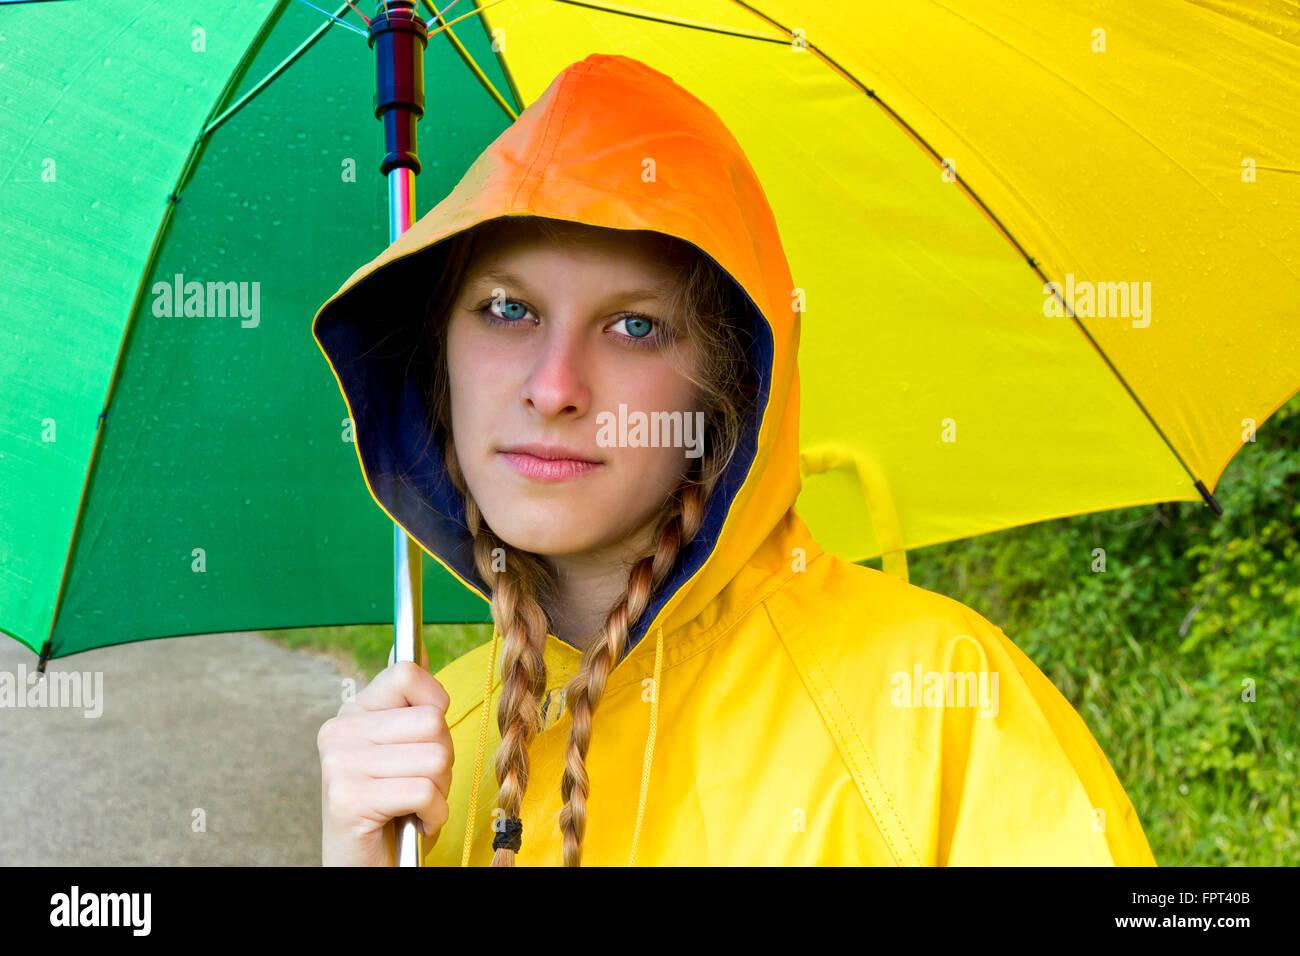 Thoughtful girl in the rain - Stock Image